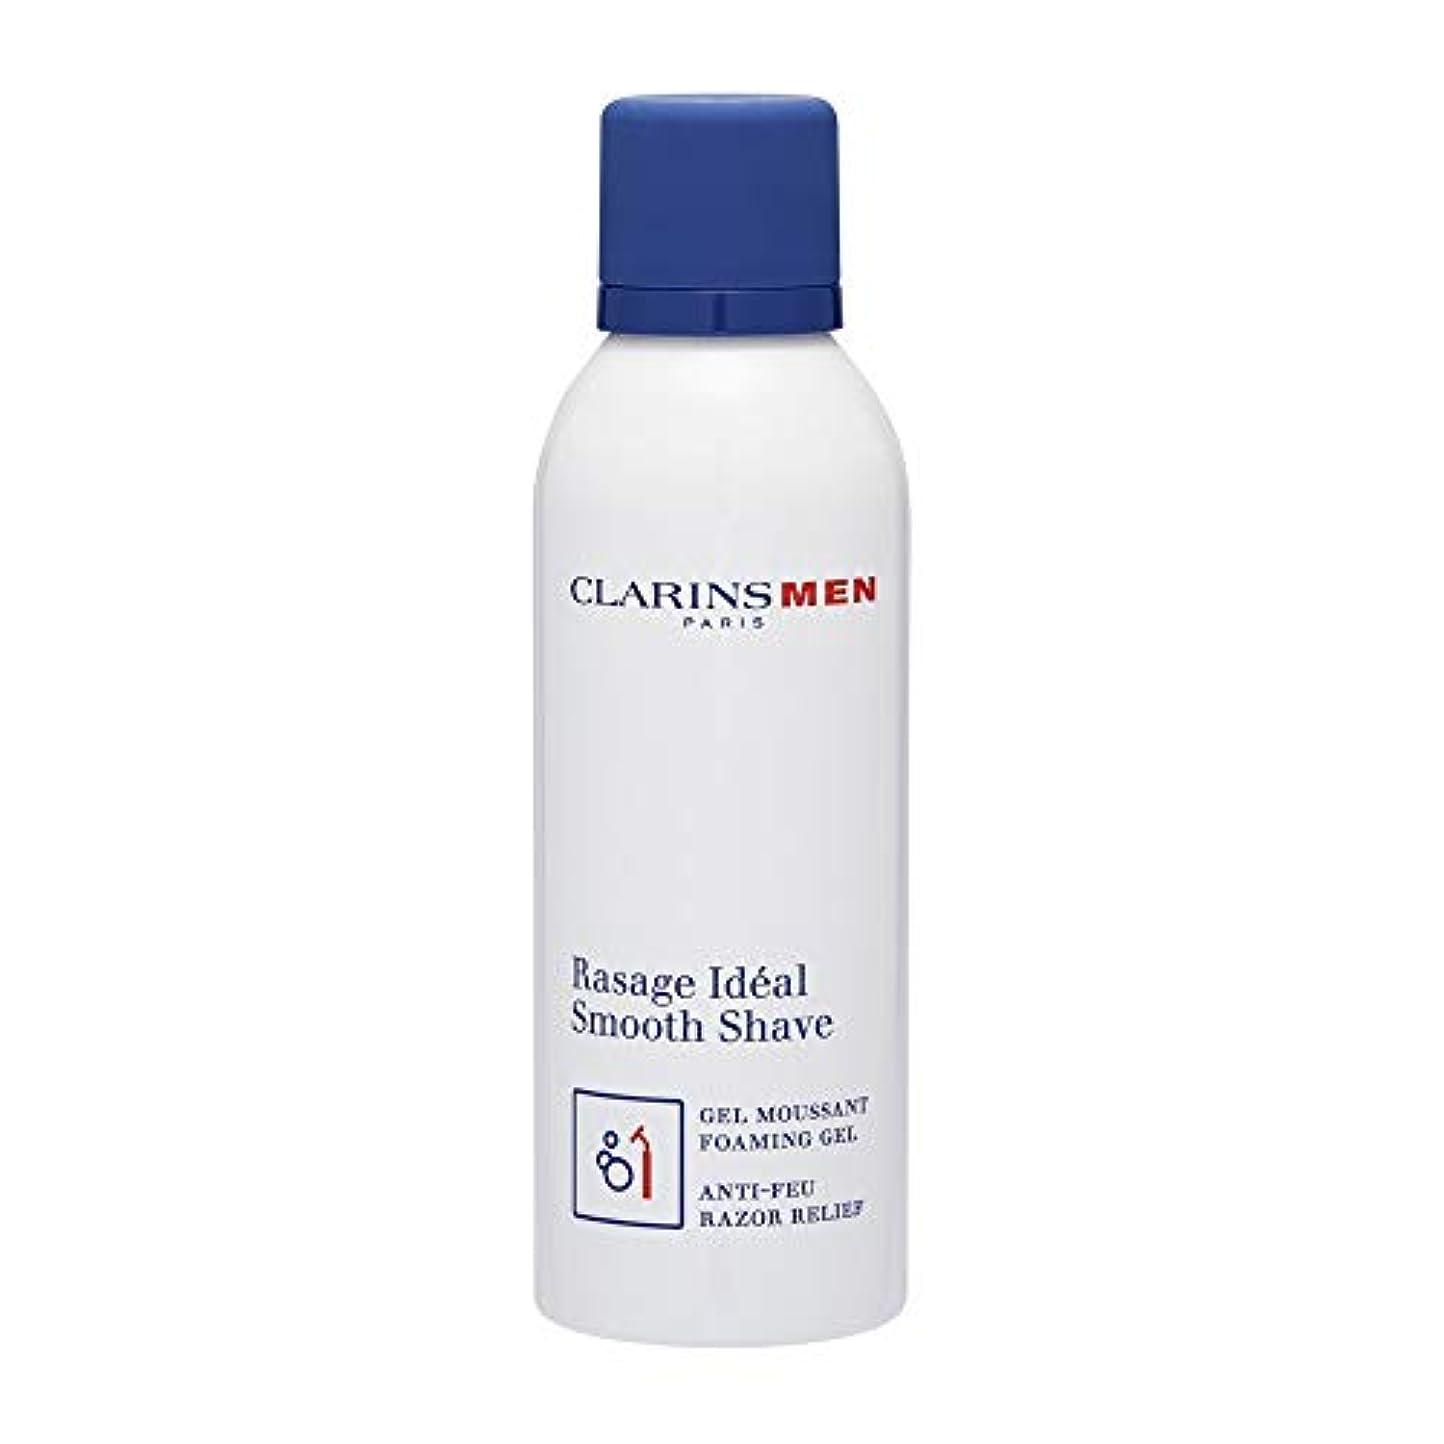 スクラッチエンゲージメントランチクラランス(CLARINS) クラランスメン スムース シェイヴ(シェイヴィングジェル) 150ml [並行輸入品]